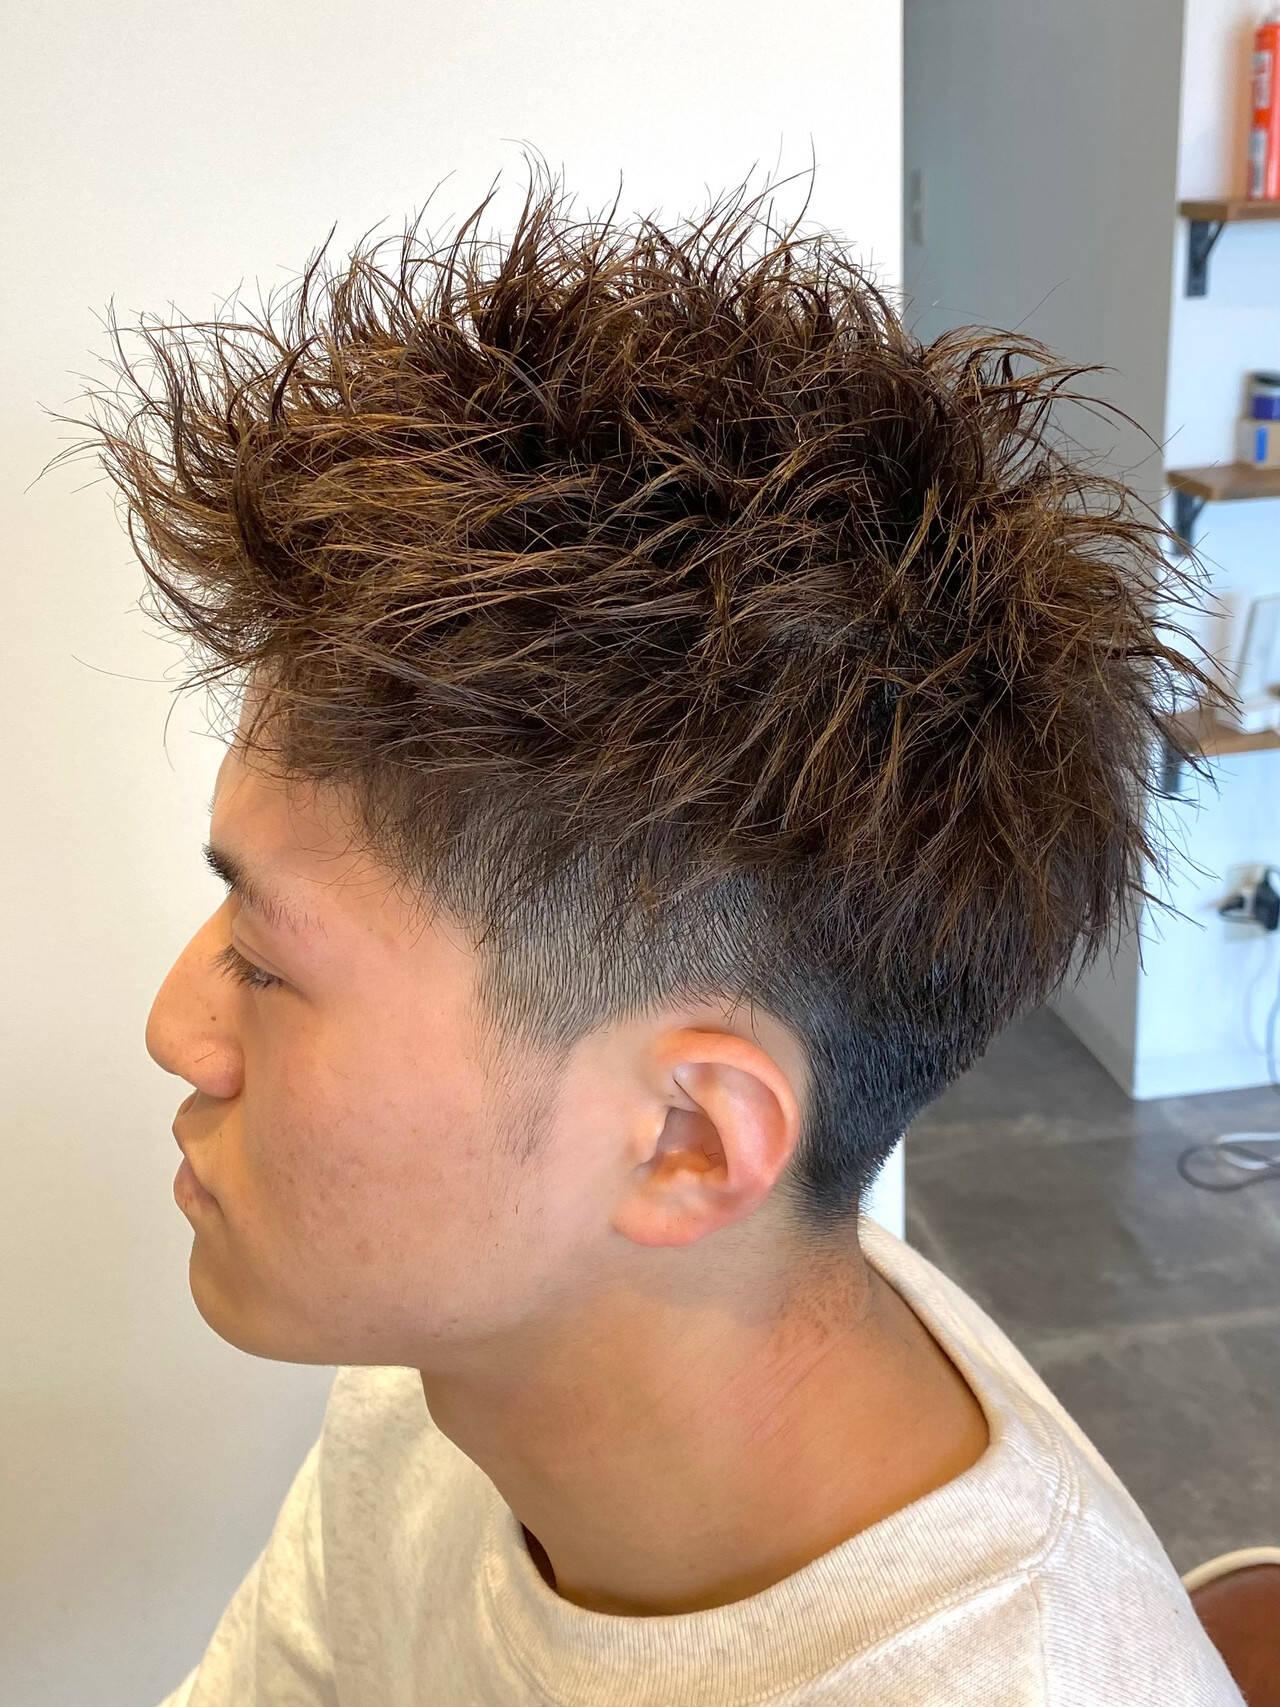 メンズショート ショート メンズパーマ ツイストヘアスタイルや髪型の写真・画像